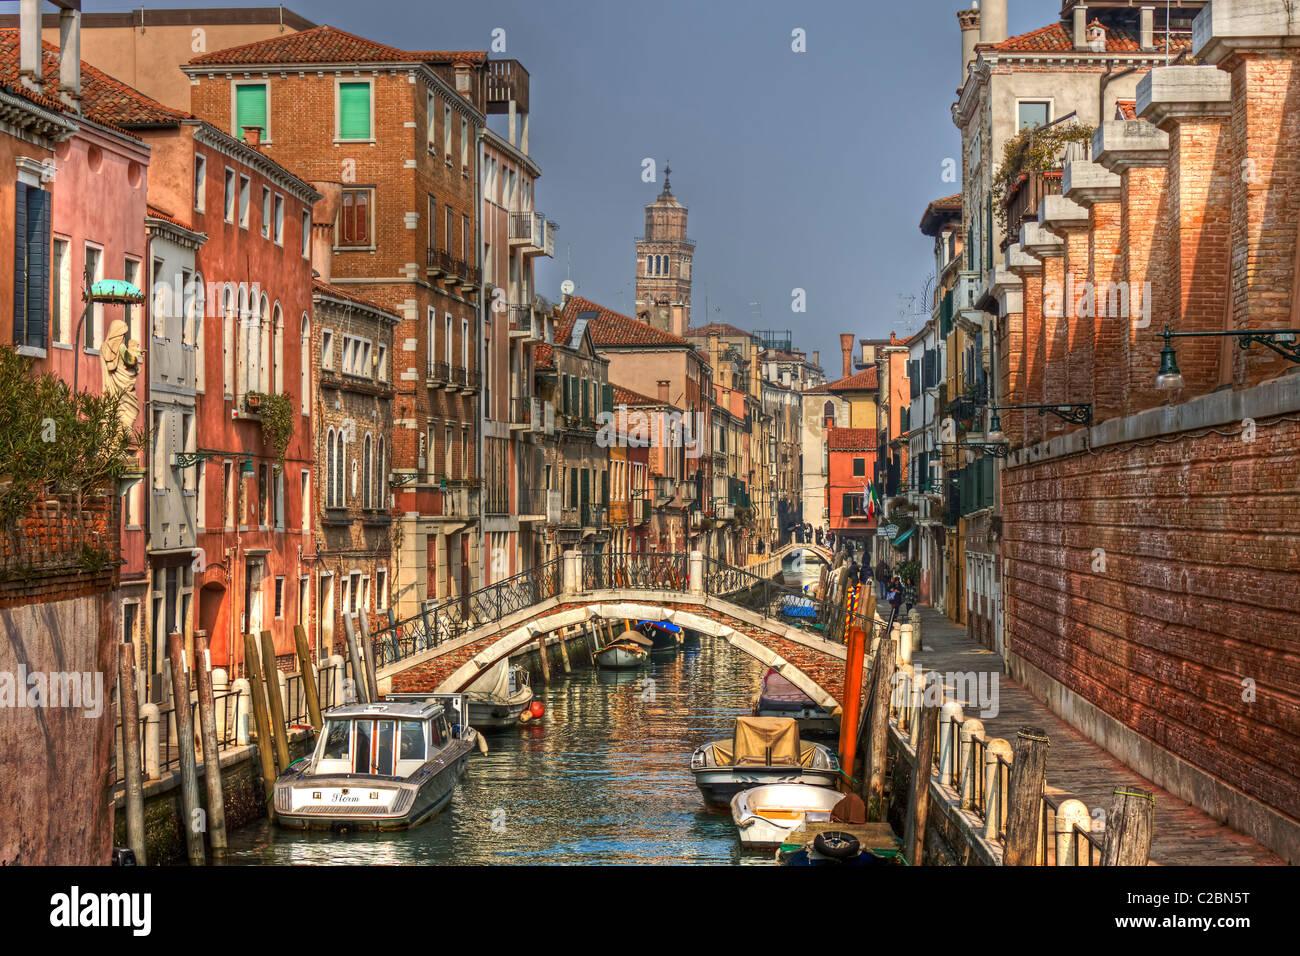 Venezia - Venice - in Italy - Stock Image